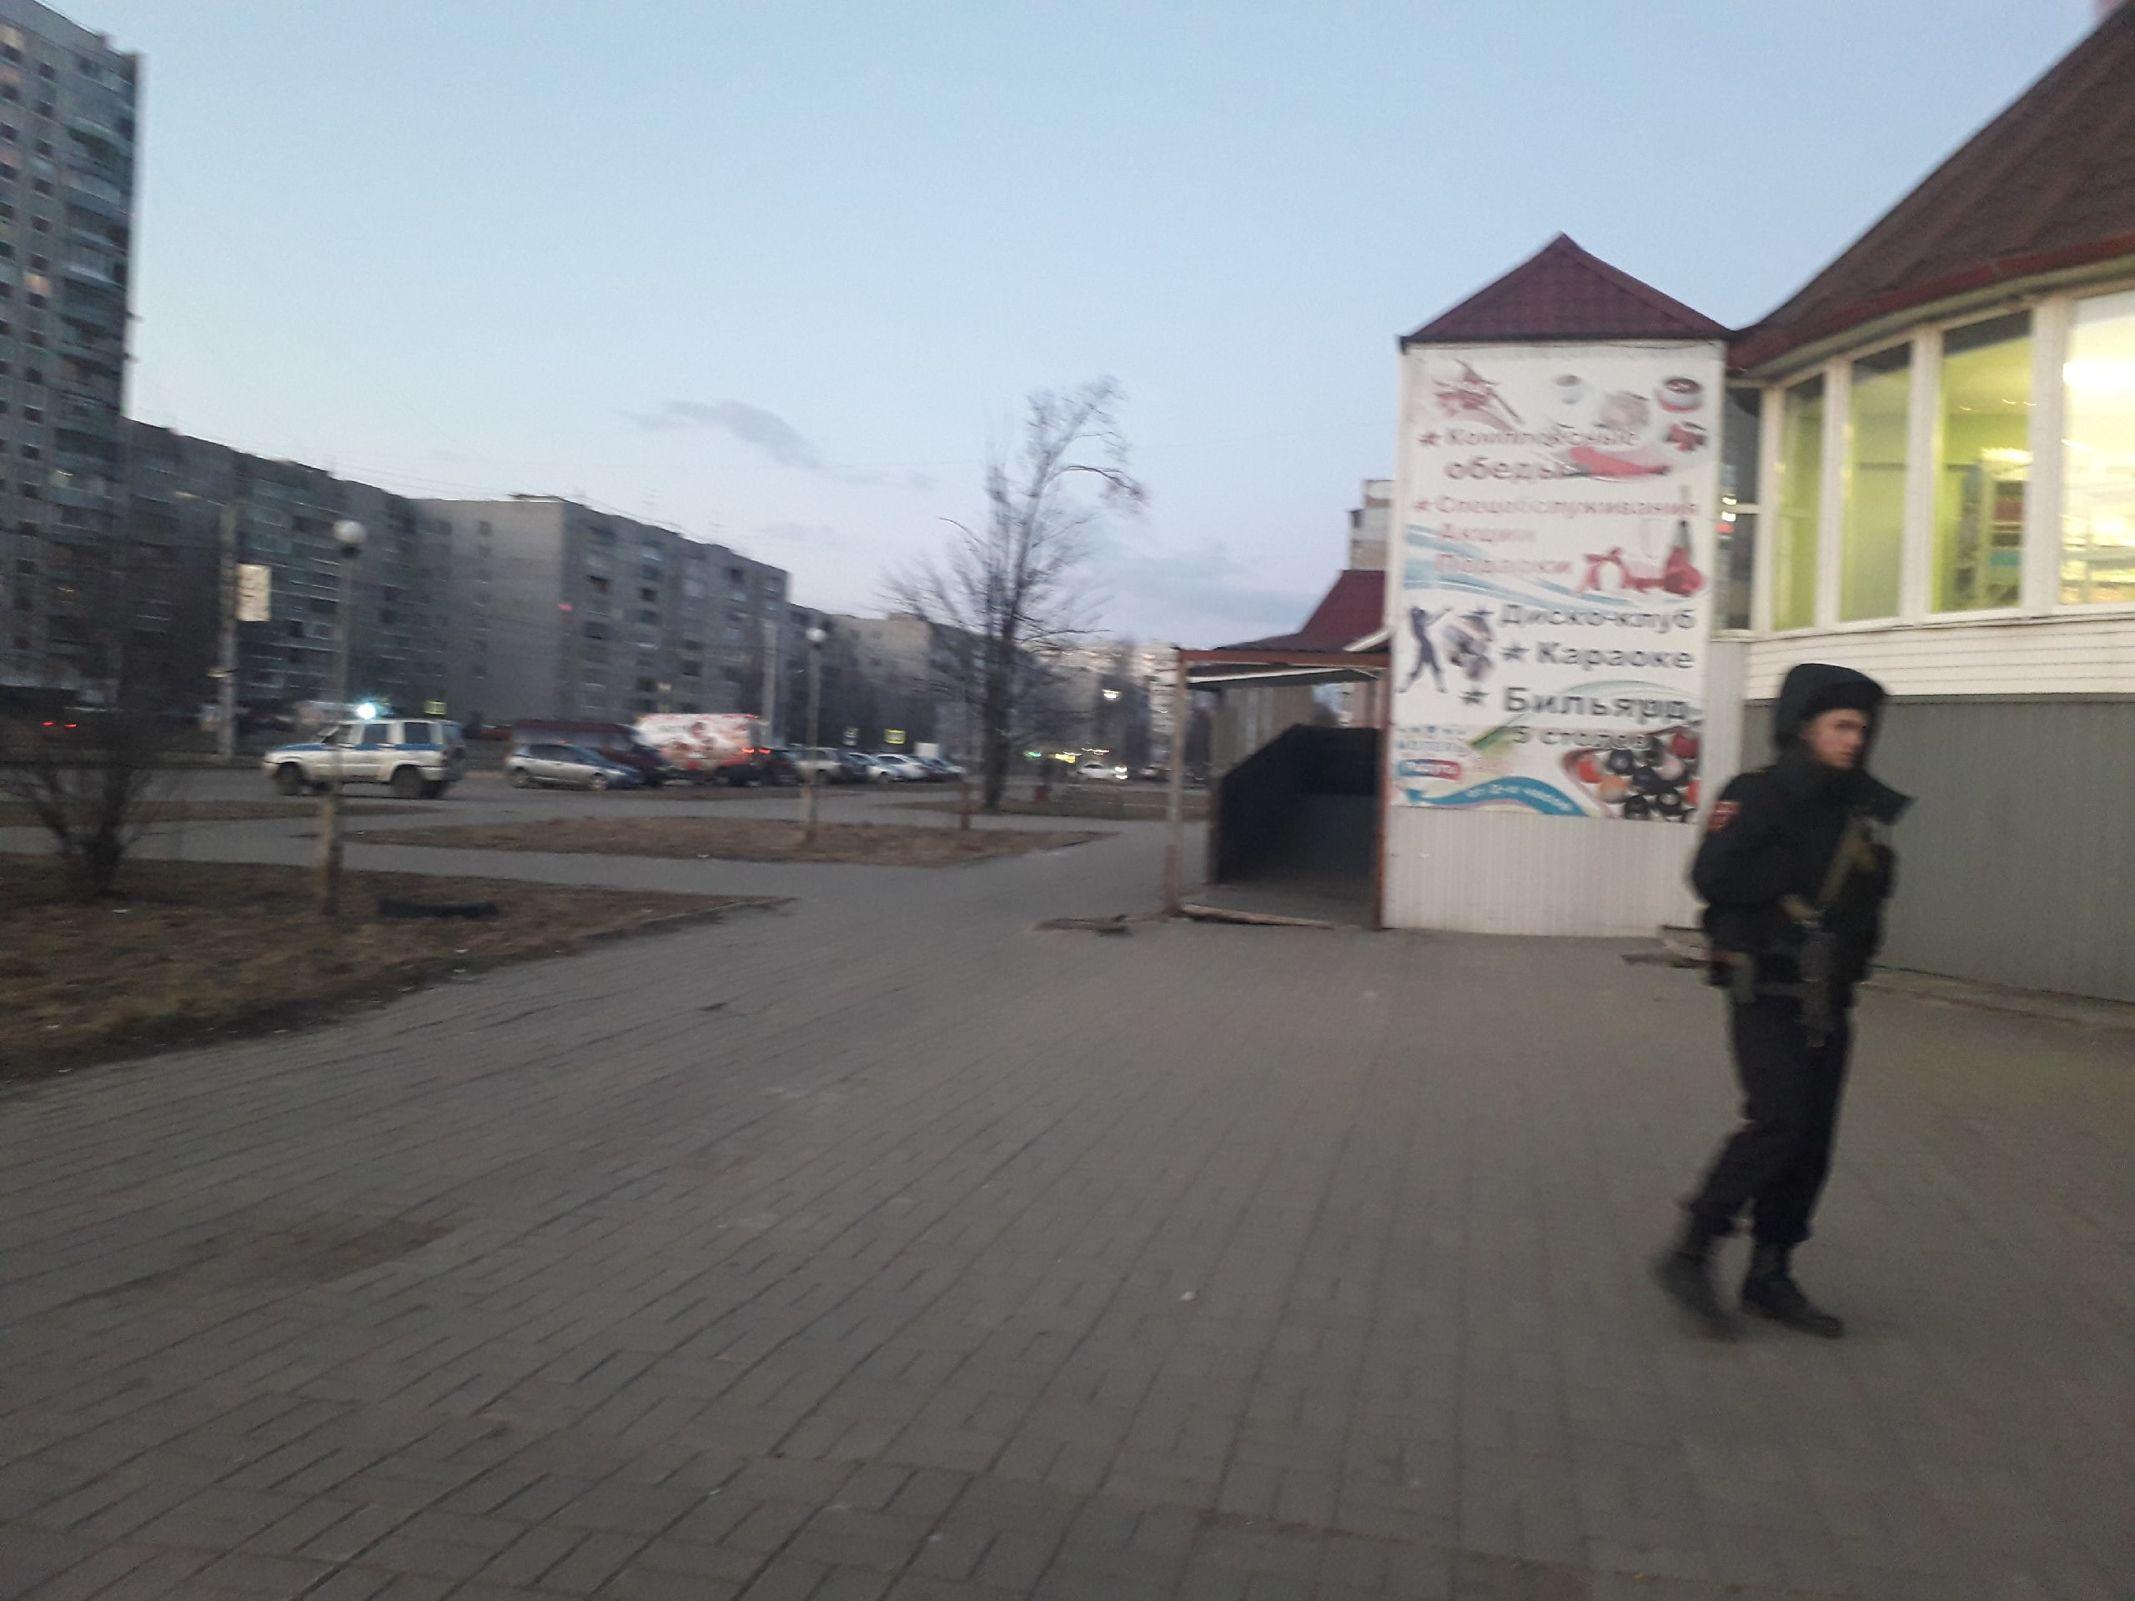 У торгового центра в Ярославле нашли «гранату»